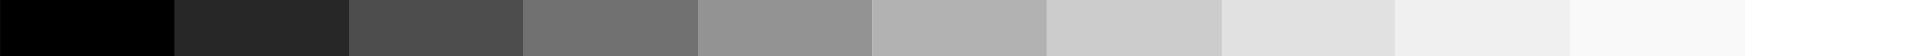 neliniaritate tonuri deschise - webinar gestiune de culoare